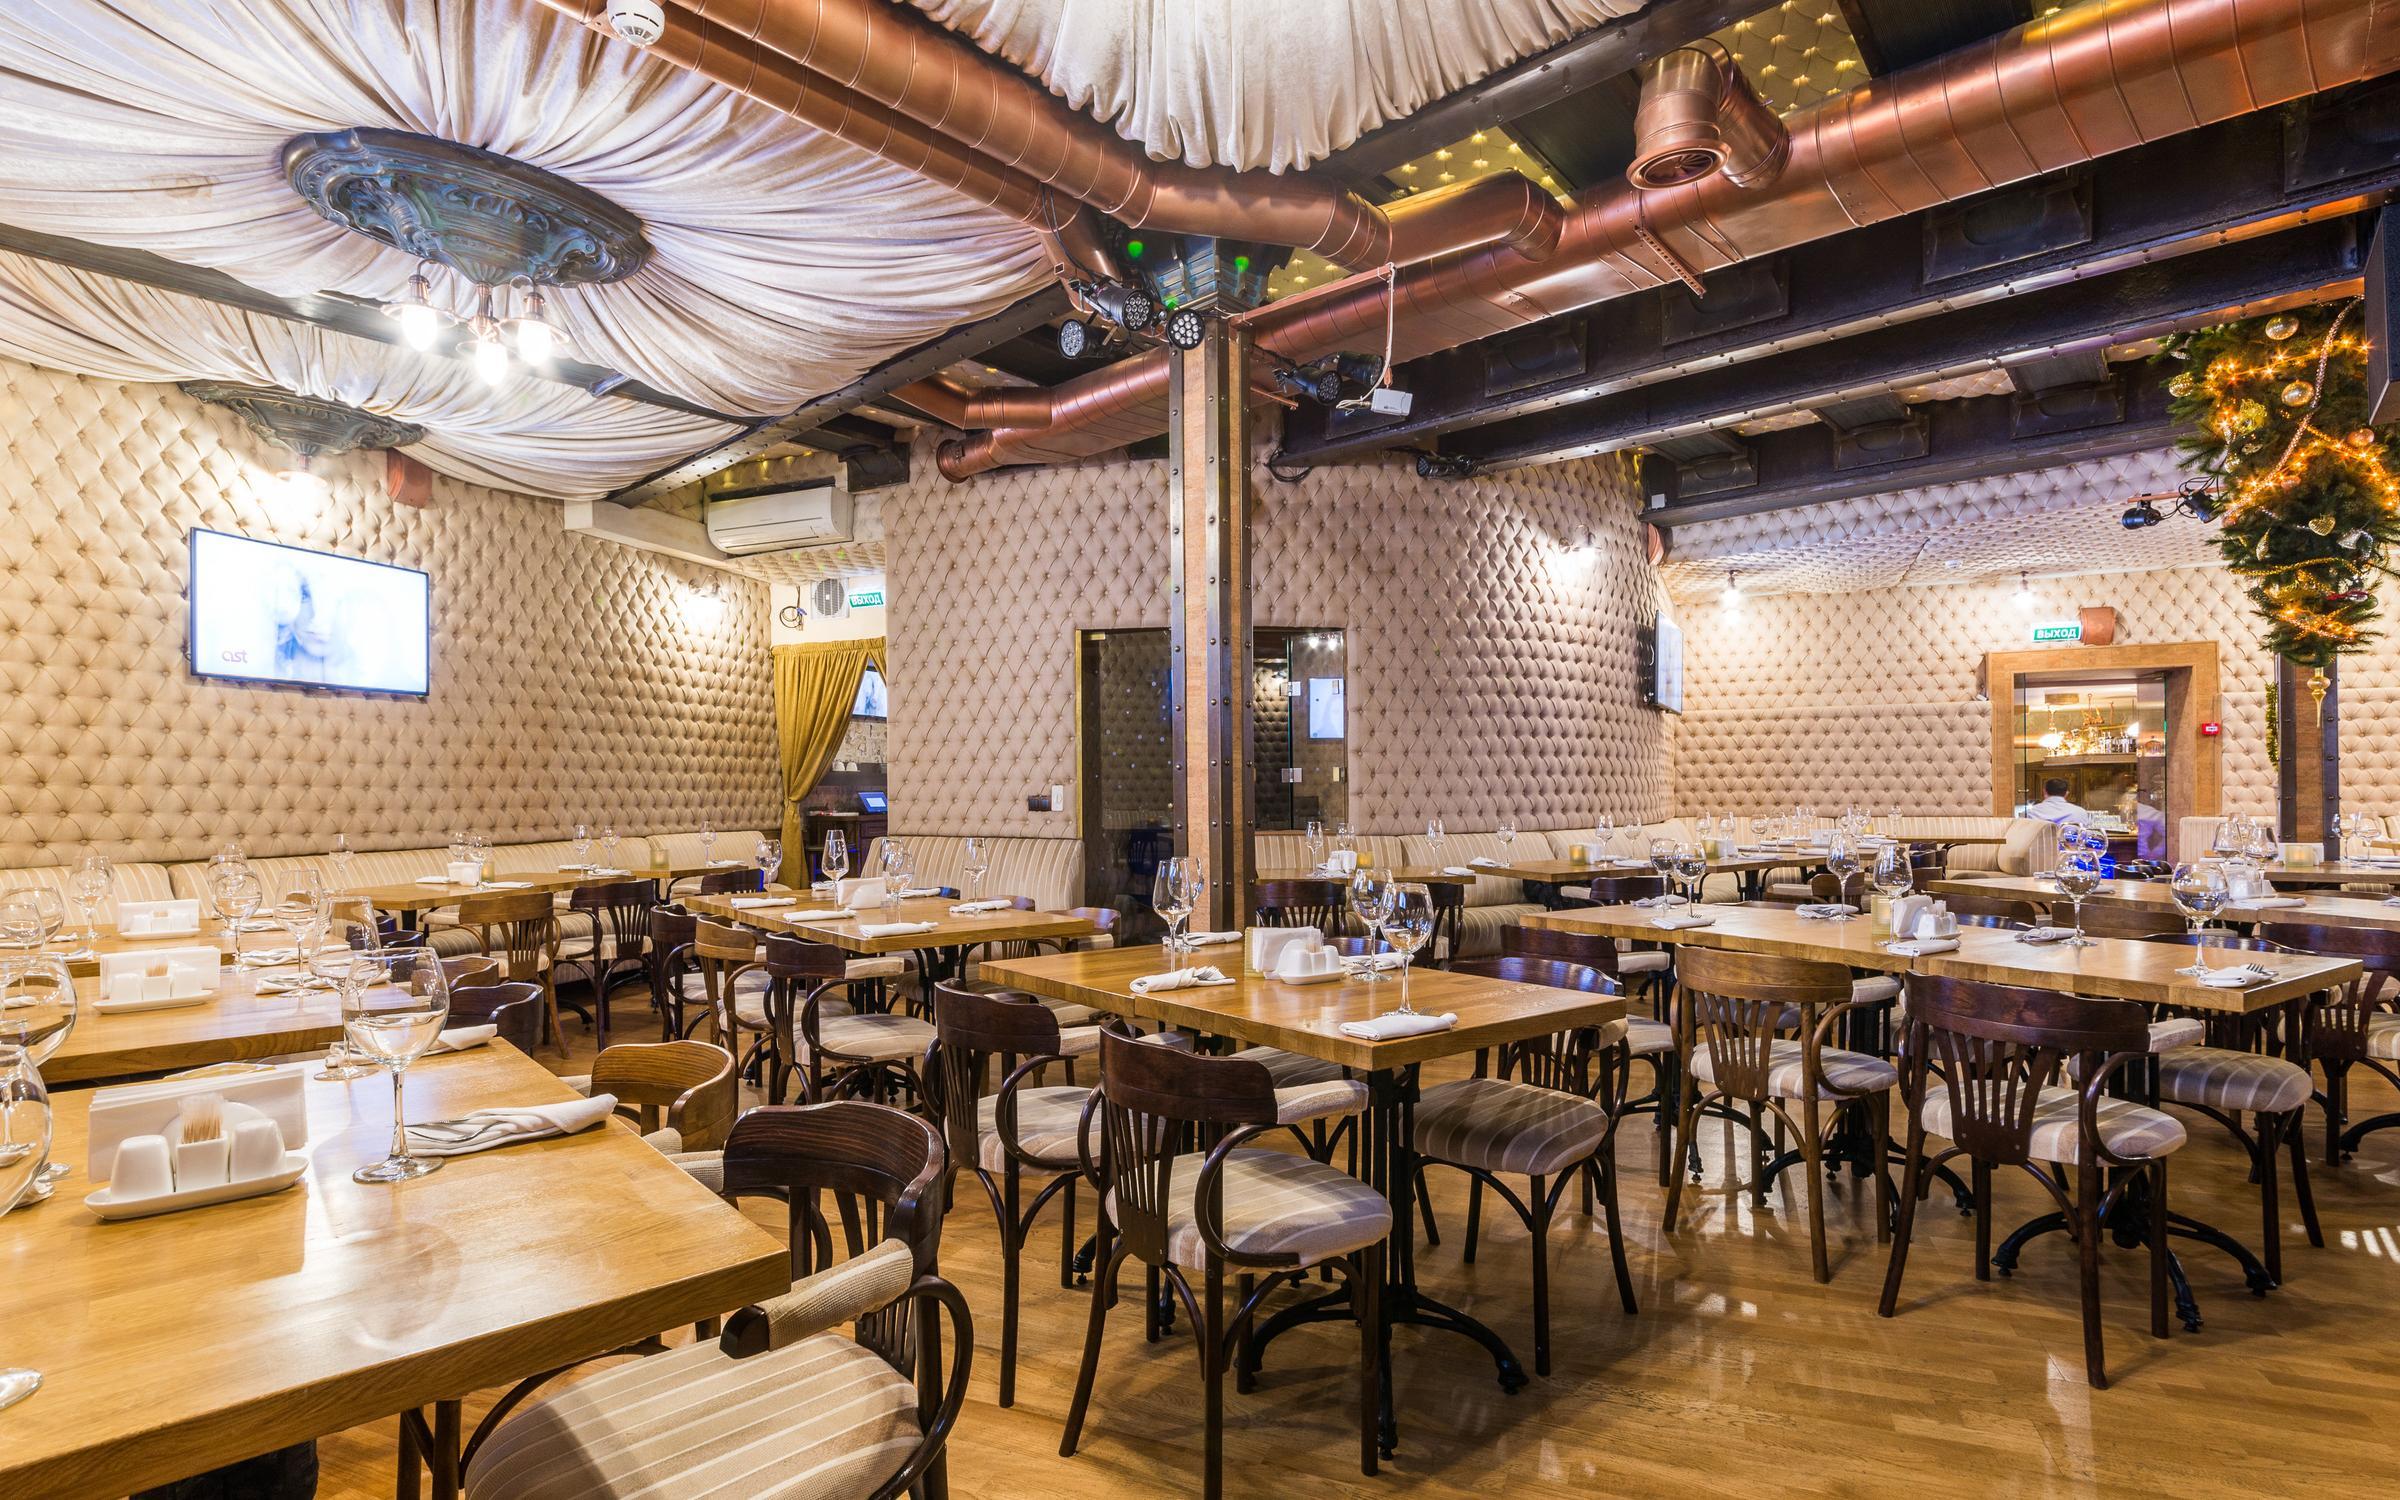 фотография Ресторана Арбат,13 Караоке-джаз-клуб